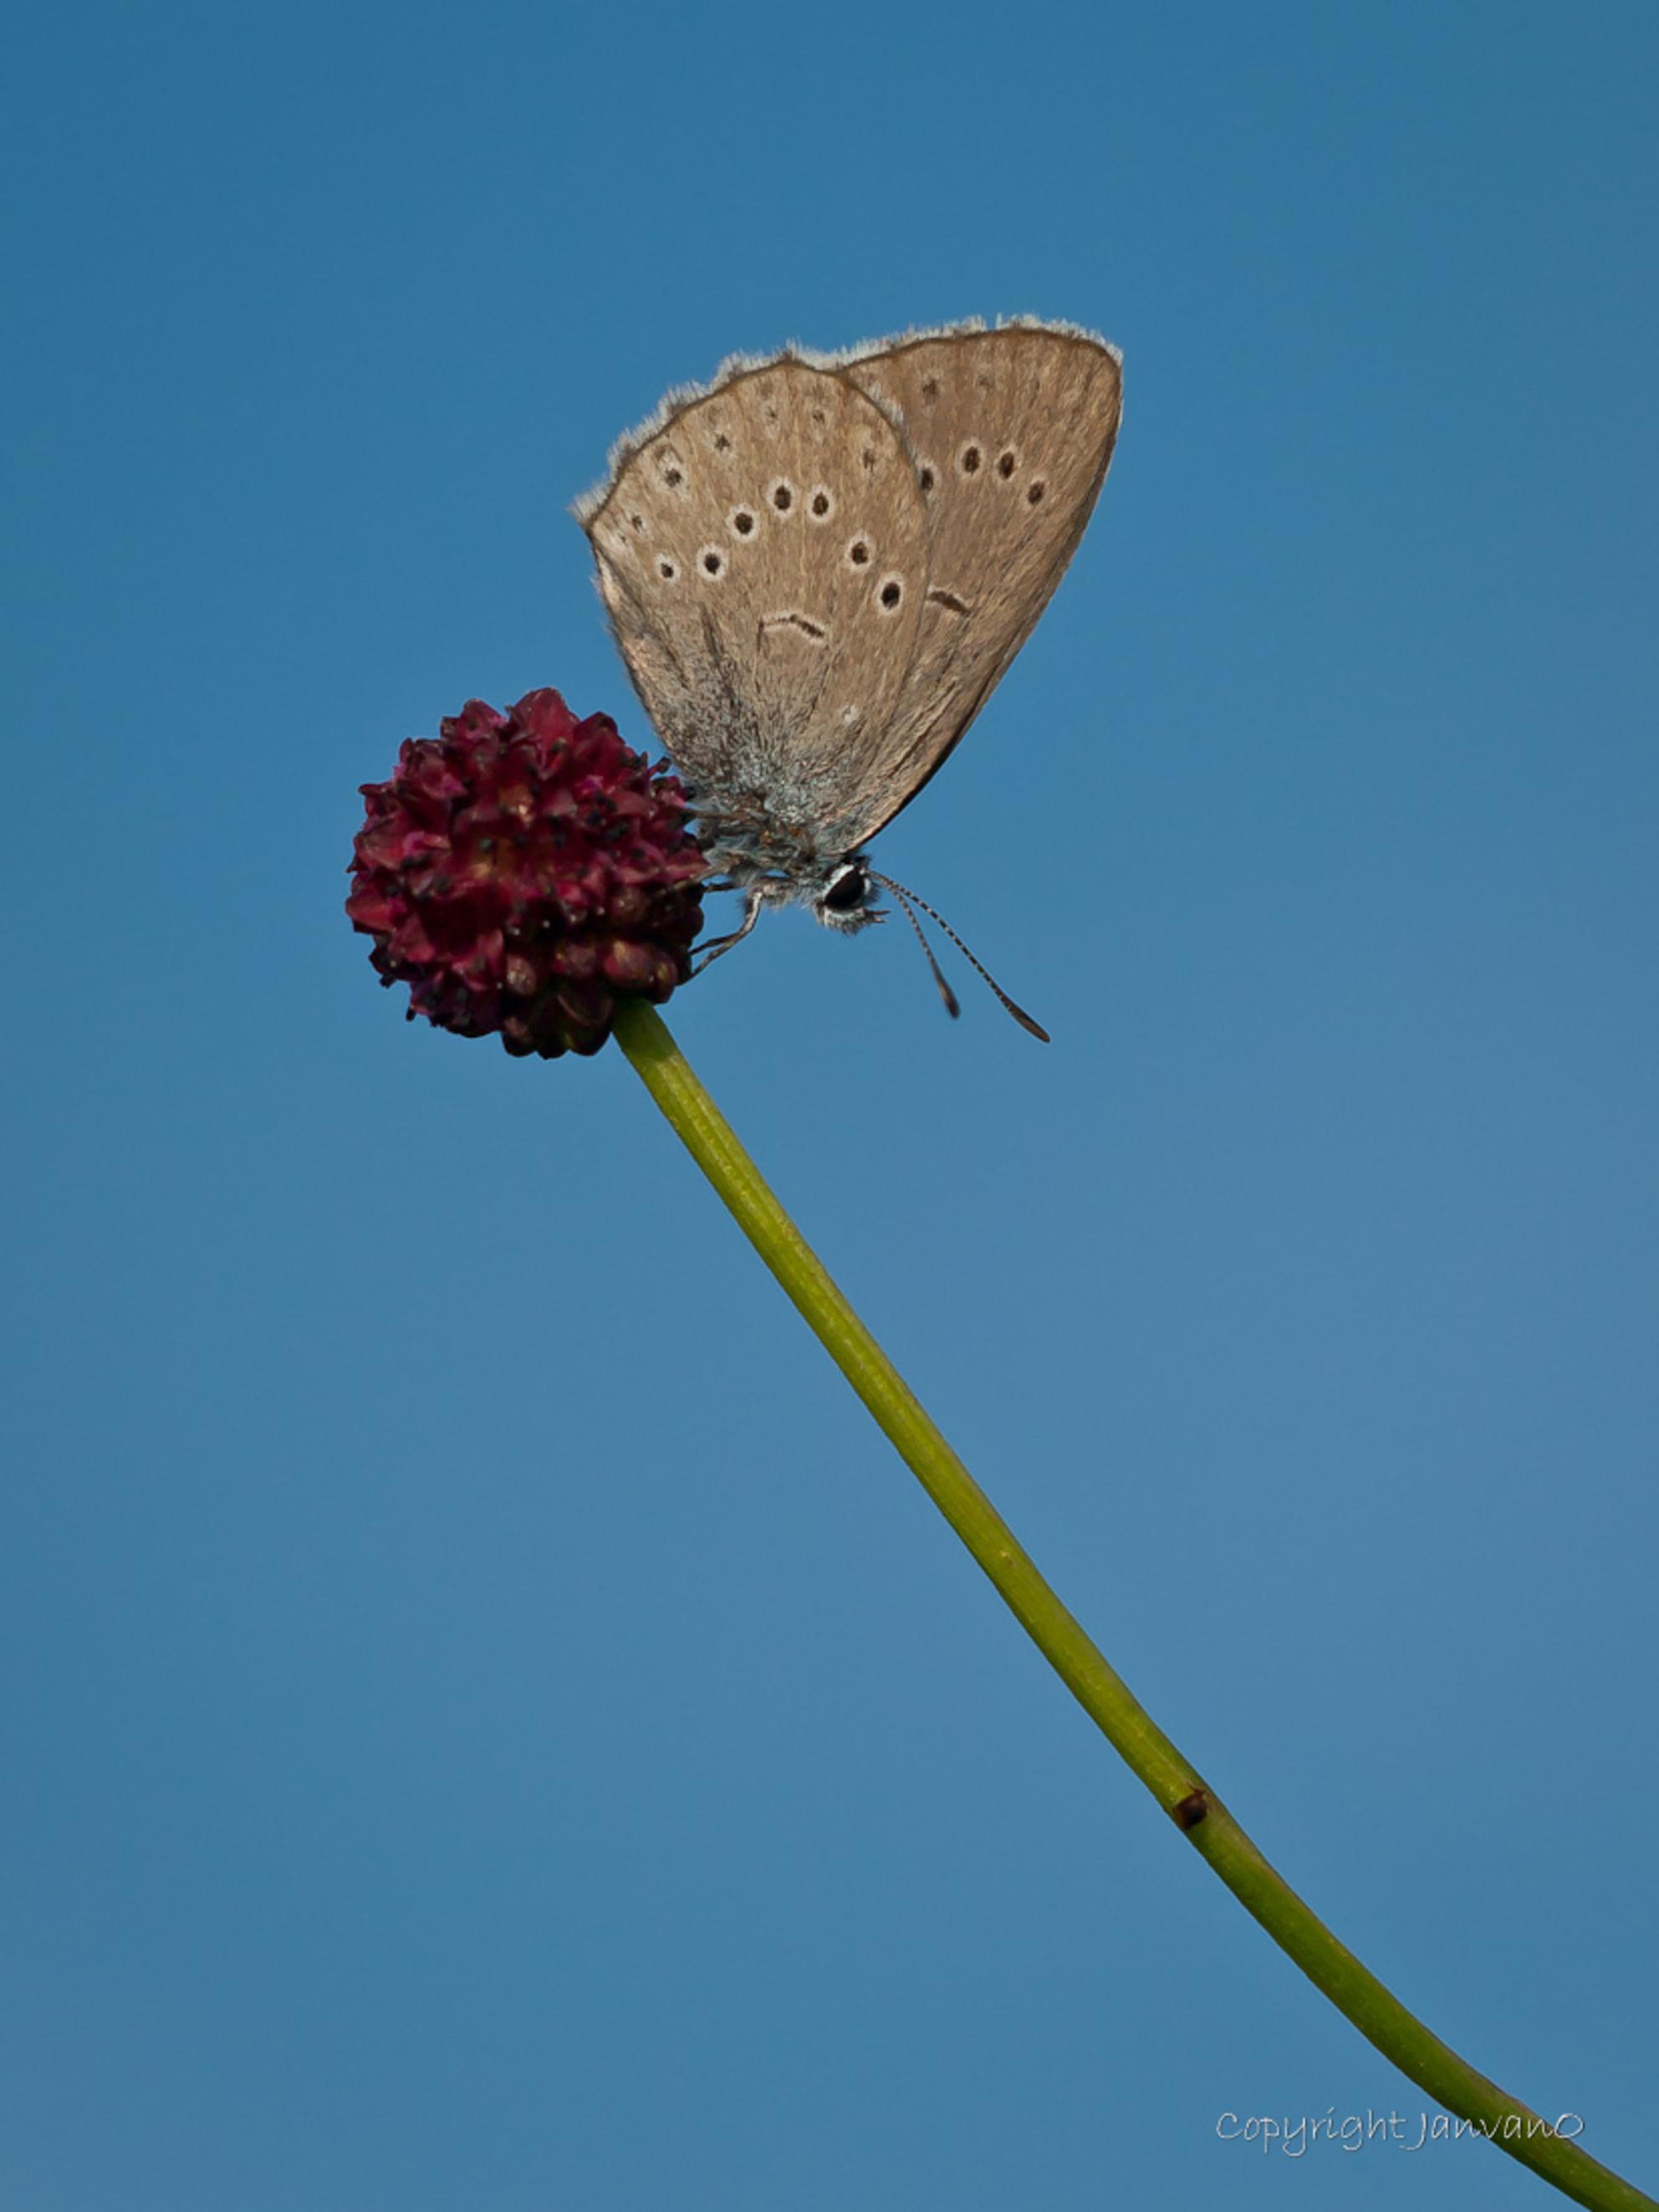 """Olympus blue - Ze zeggen wel eens dat de kleuren van een Olympus dslr eruit springen , vooral het blauw, onder de Oly adepten bekend als """"Olympus blue"""" Dit zeldzam - foto door JanvanO op 18-07-2012 - deze foto bevat: vlinder, zeldzaam, pimpernelblauwtje, janvano, olympus e-3, Sigma 150mm - Deze foto mag gebruikt worden in een Zoom.nl publicatie"""